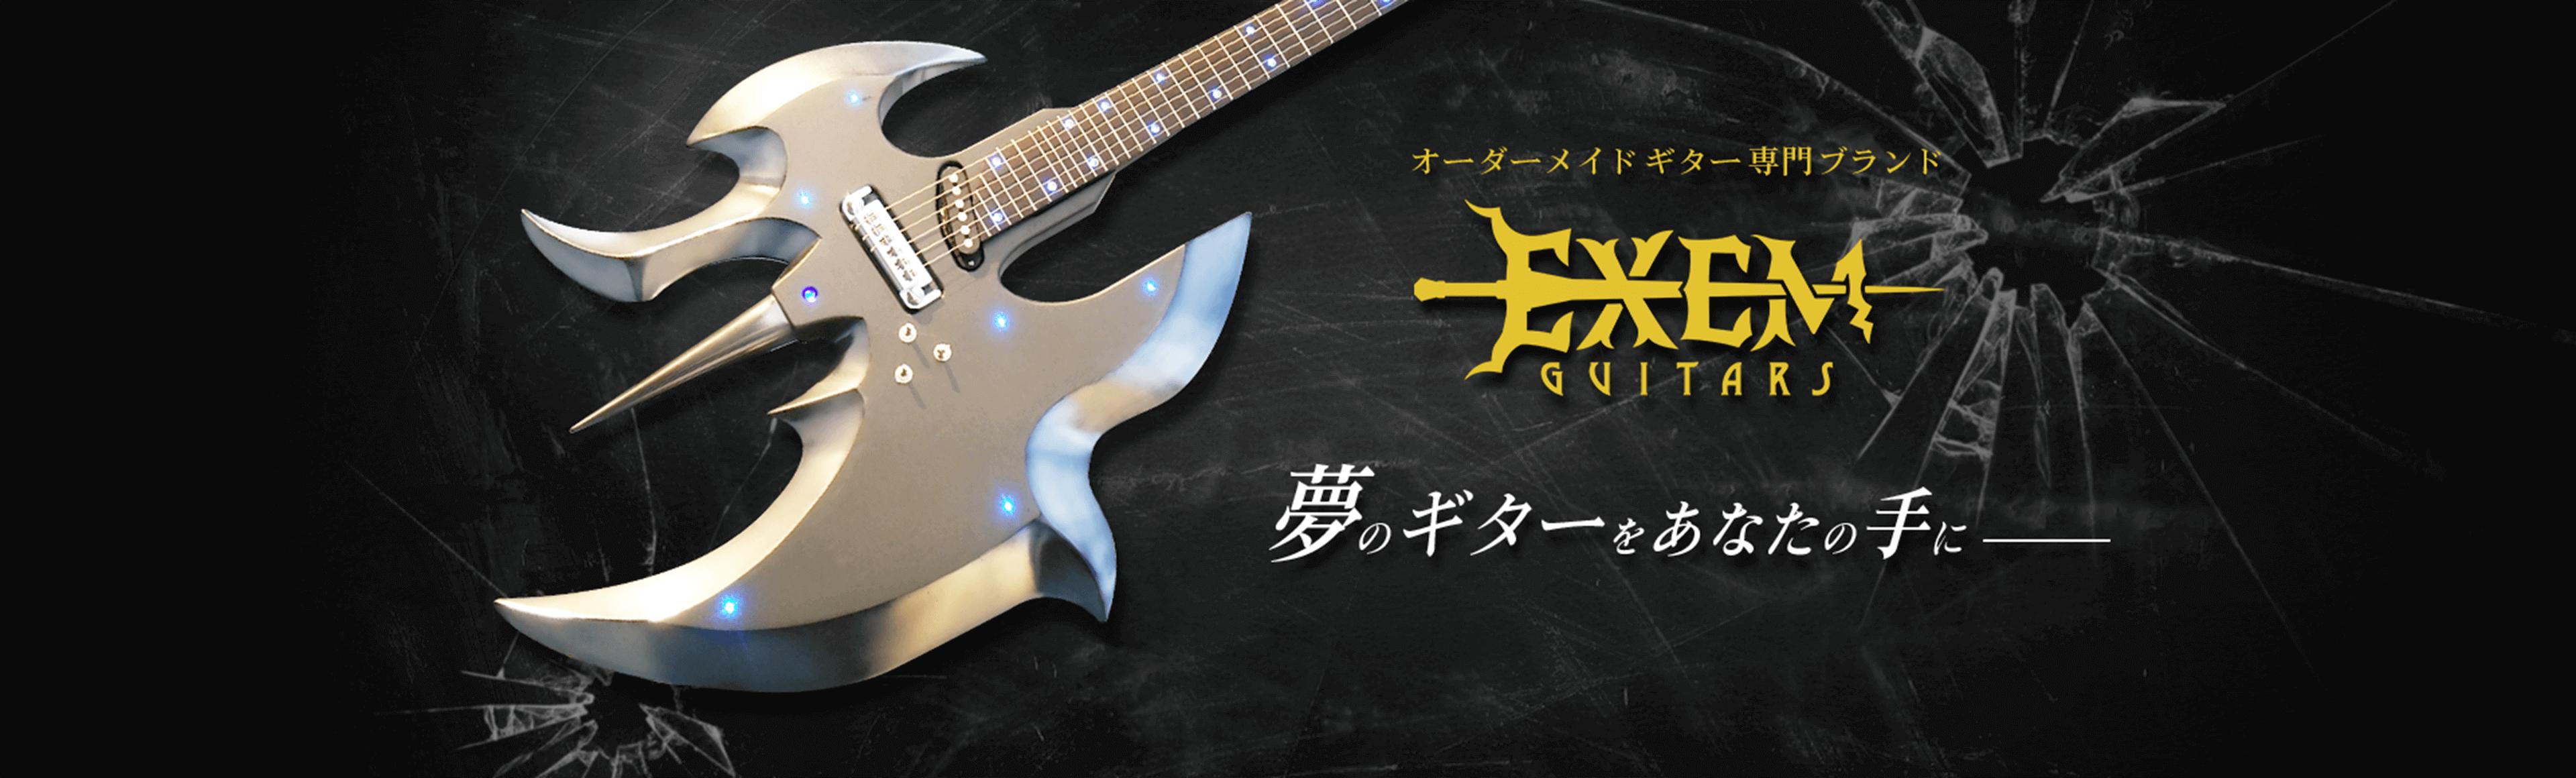 夢のギターをあなたに